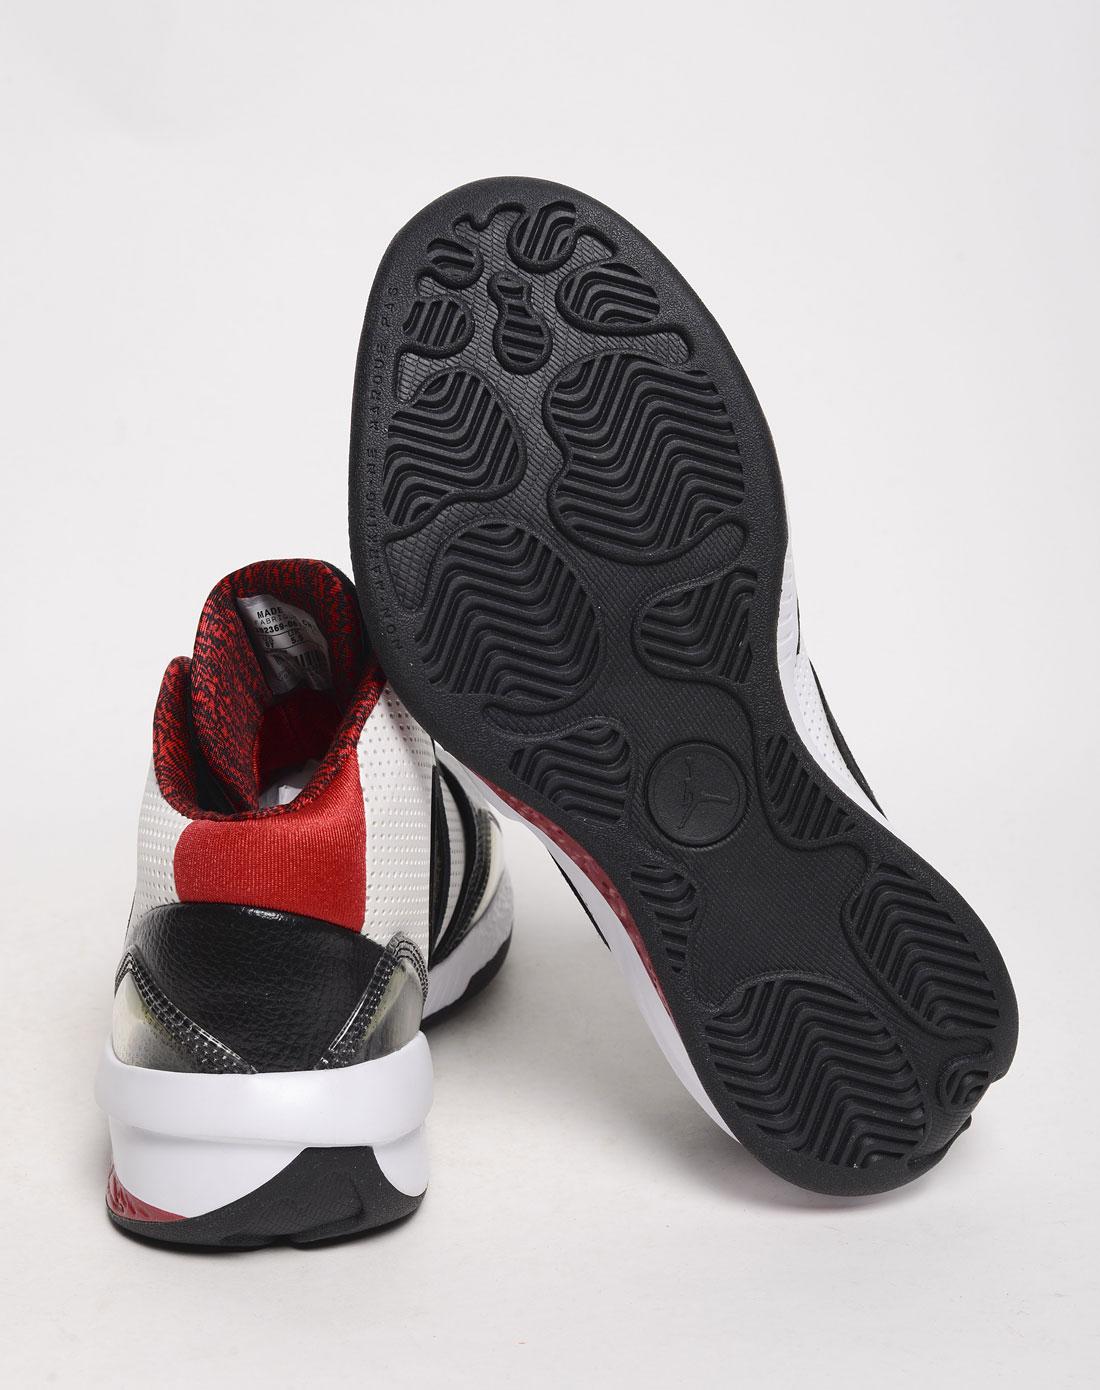 乔丹儿童篮球鞋